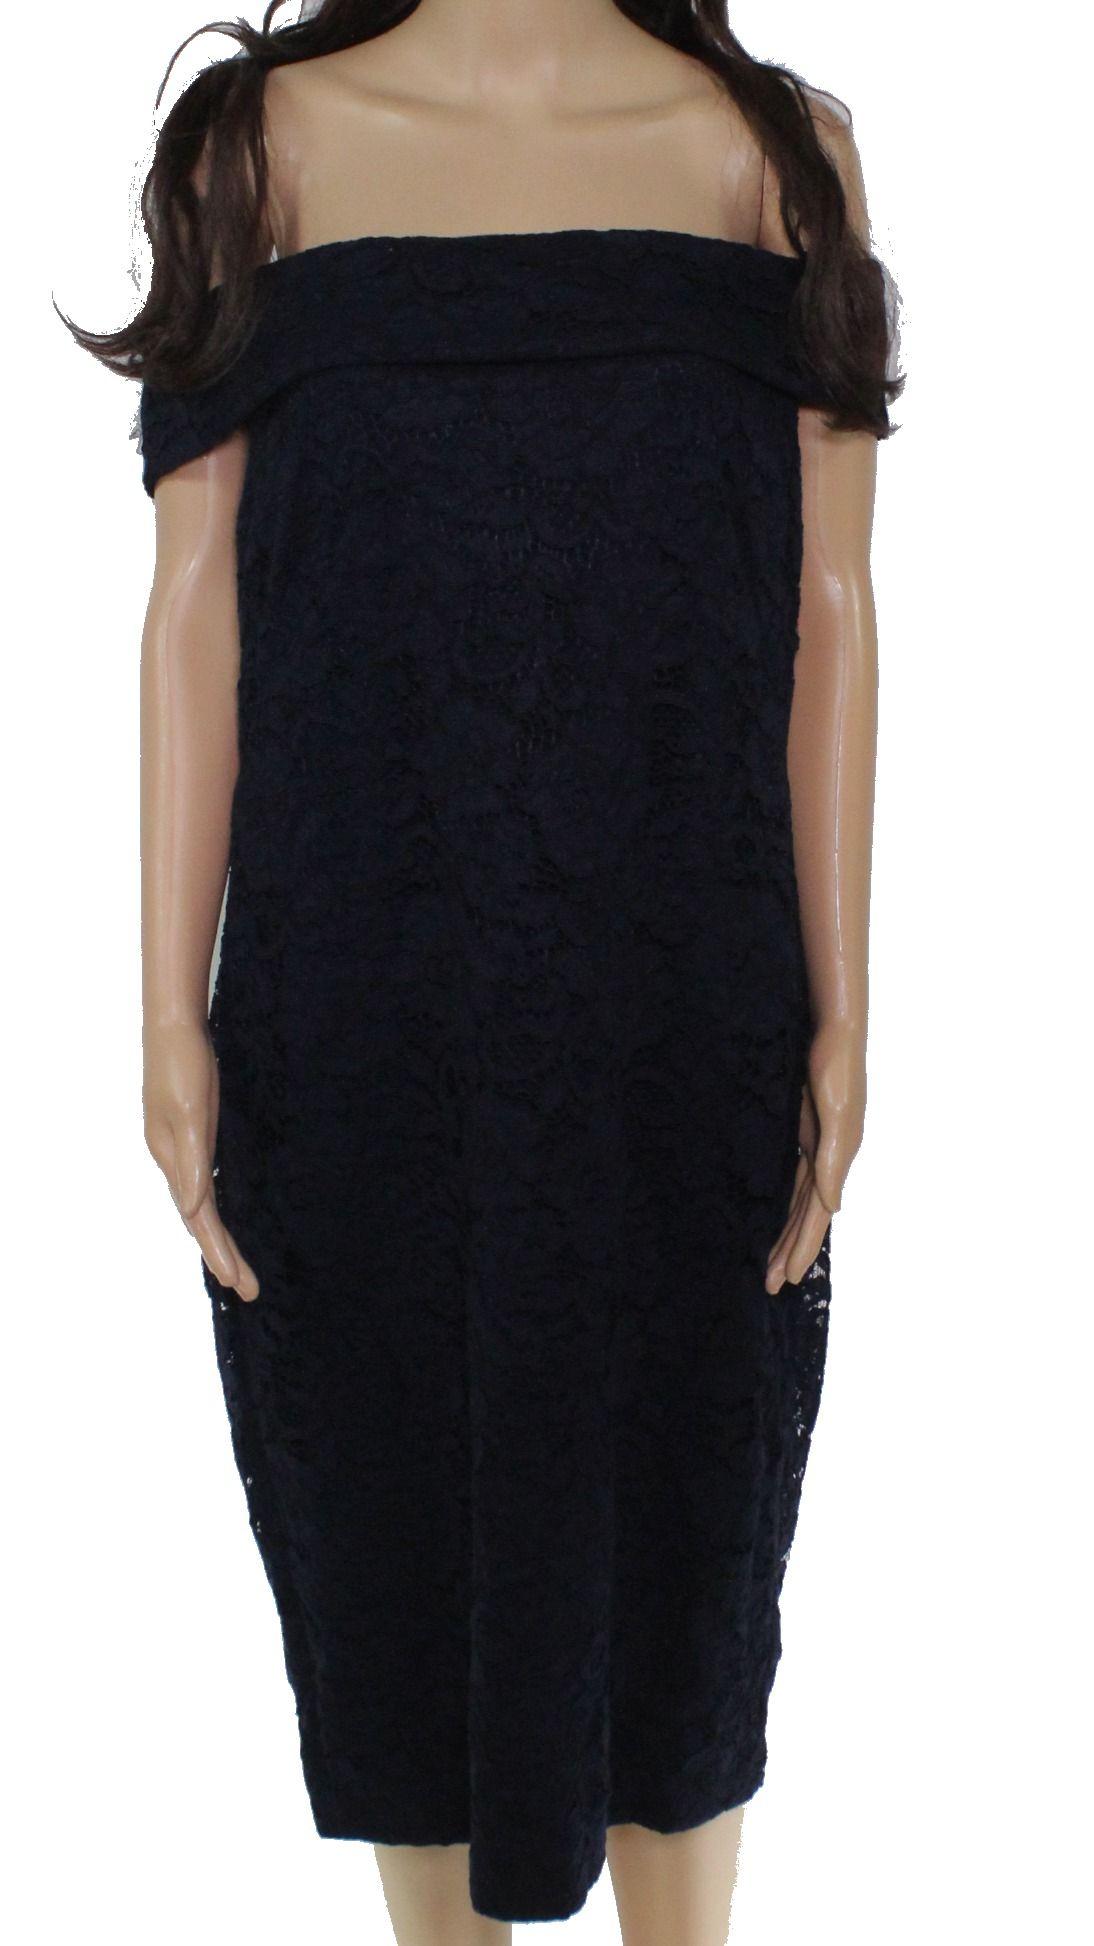 Lauren by Ralph Lauren Women's Dress Blue Size 14 Lace Off Shoulder